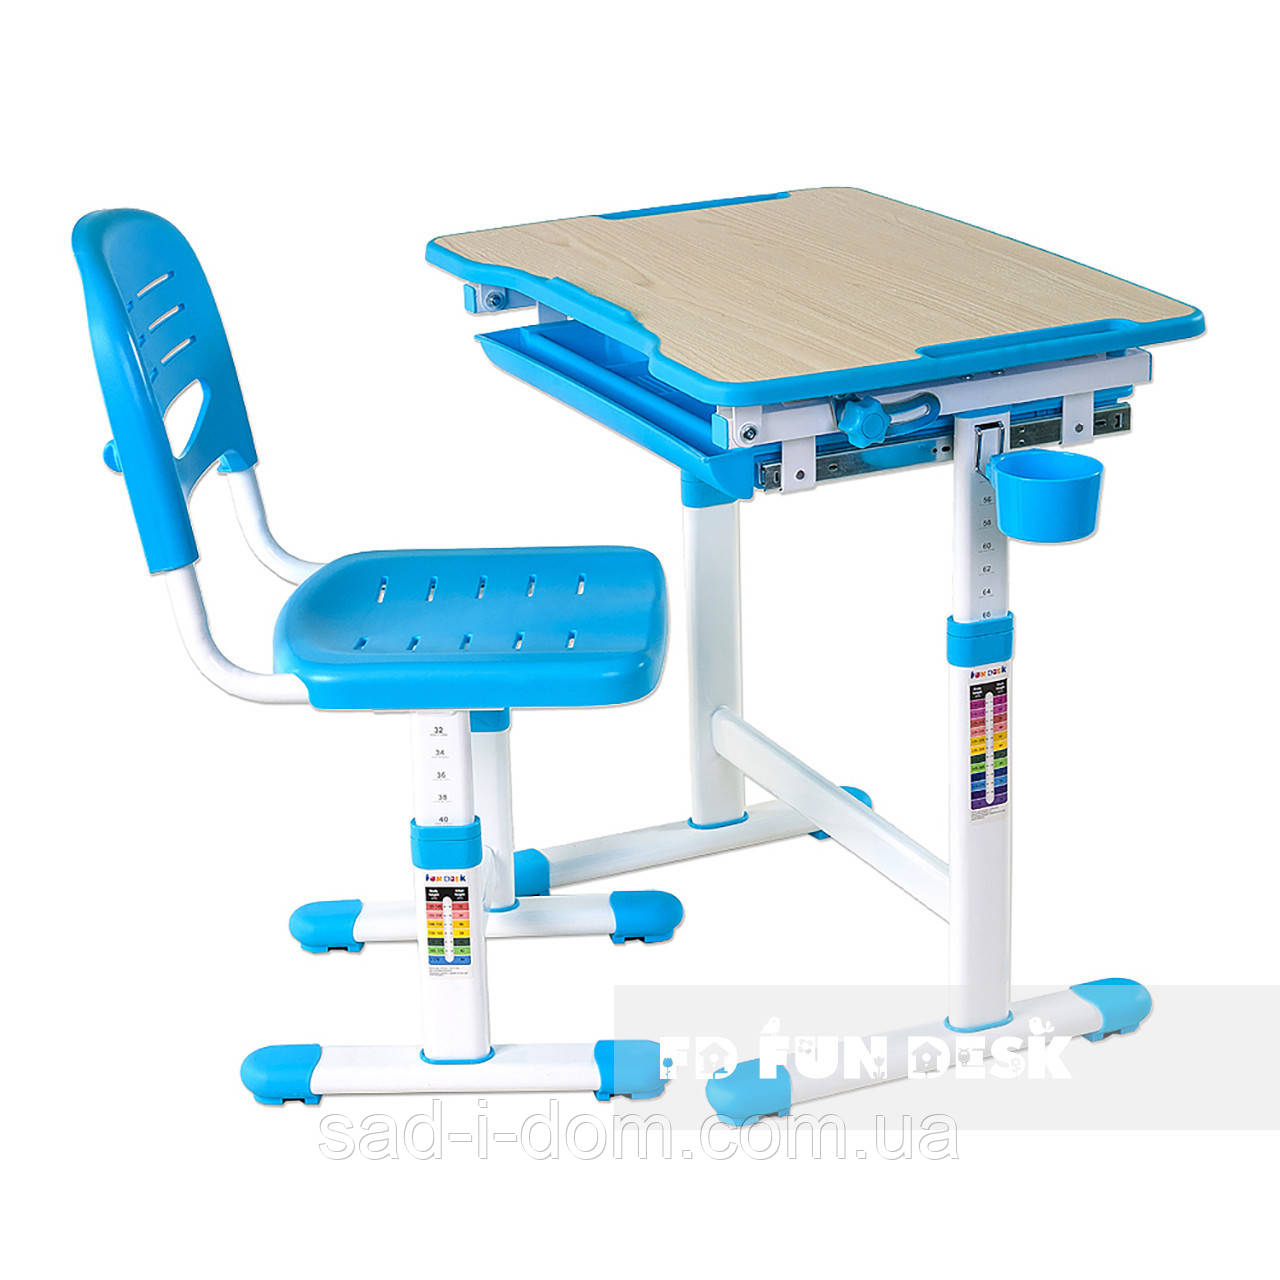 Детская парта-трансформер со стульчиком FunDesk Piccolino, голубая